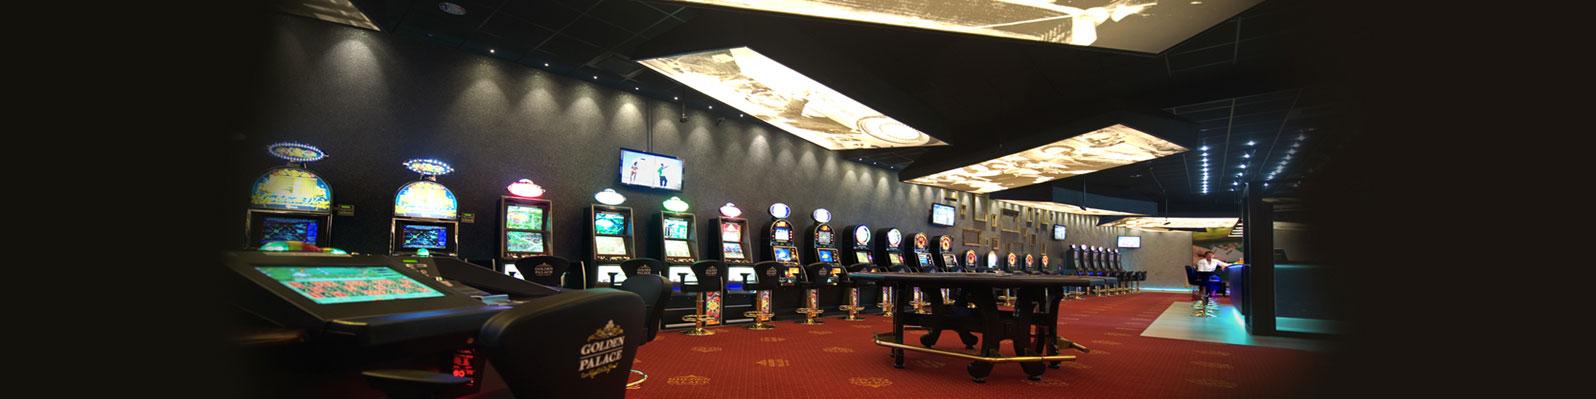 casino clipso